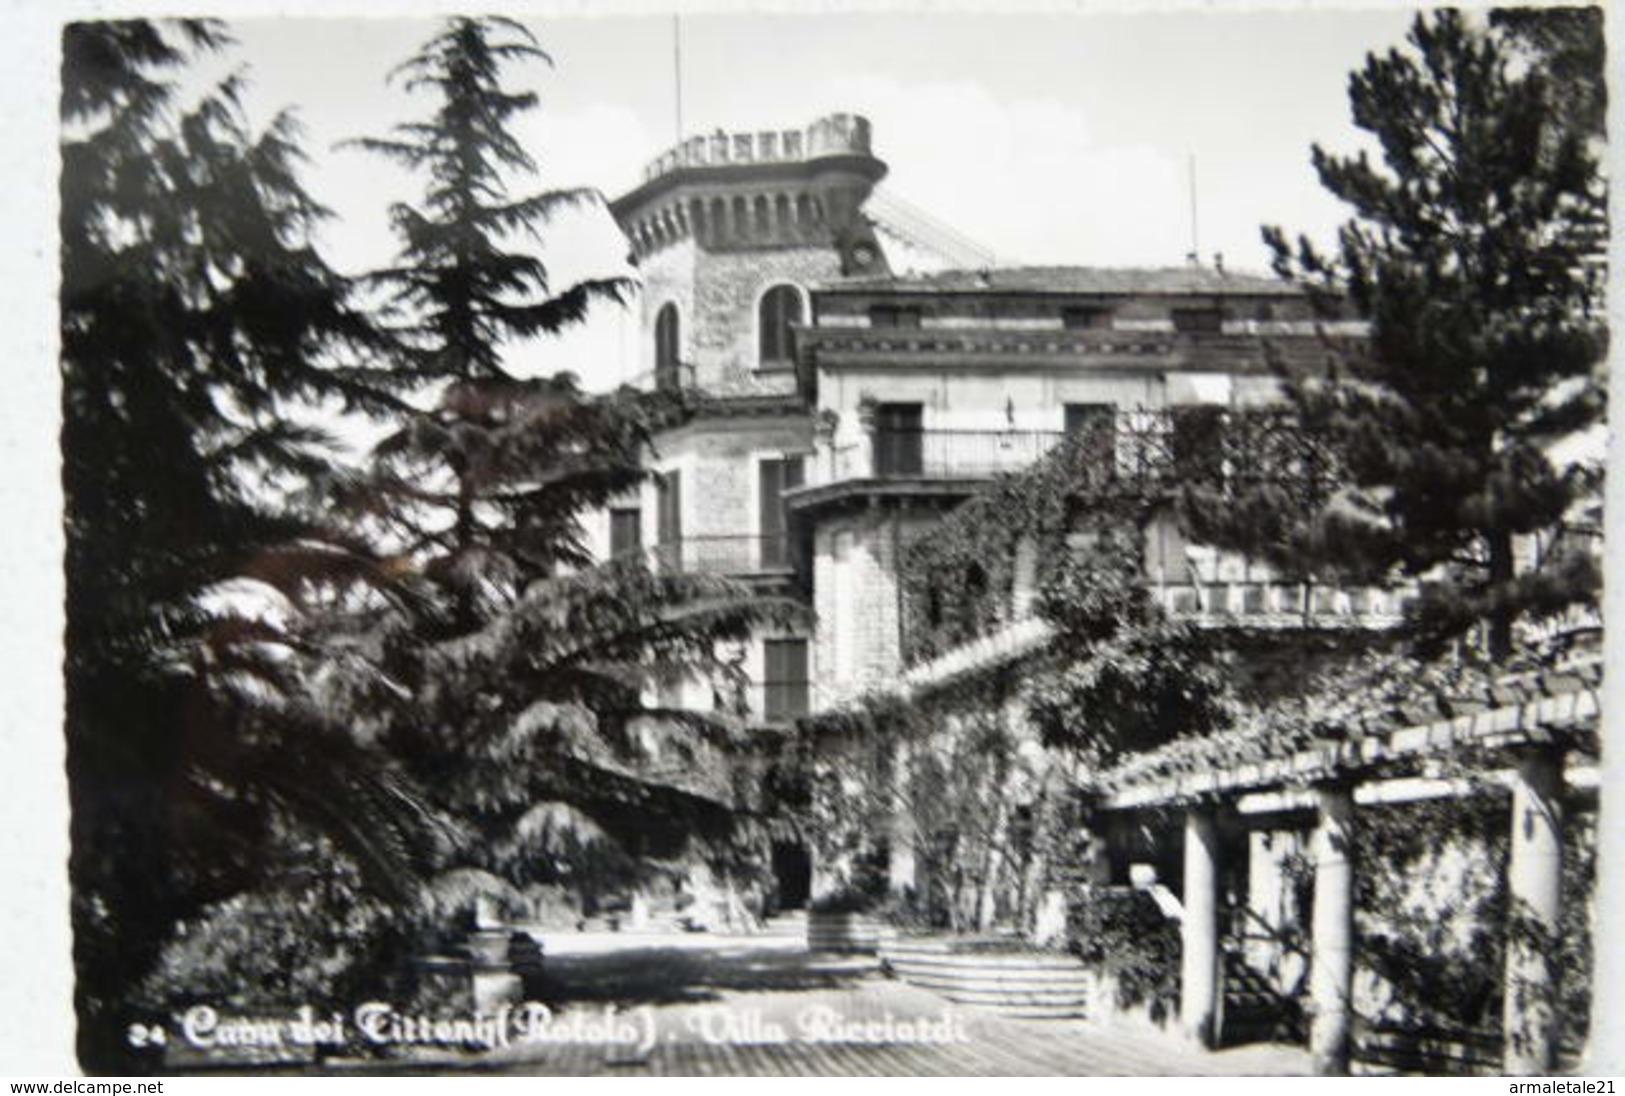 Fotografo Cava Dei Tirreni cava dei tirreni (rotolo) - villa ricciardi